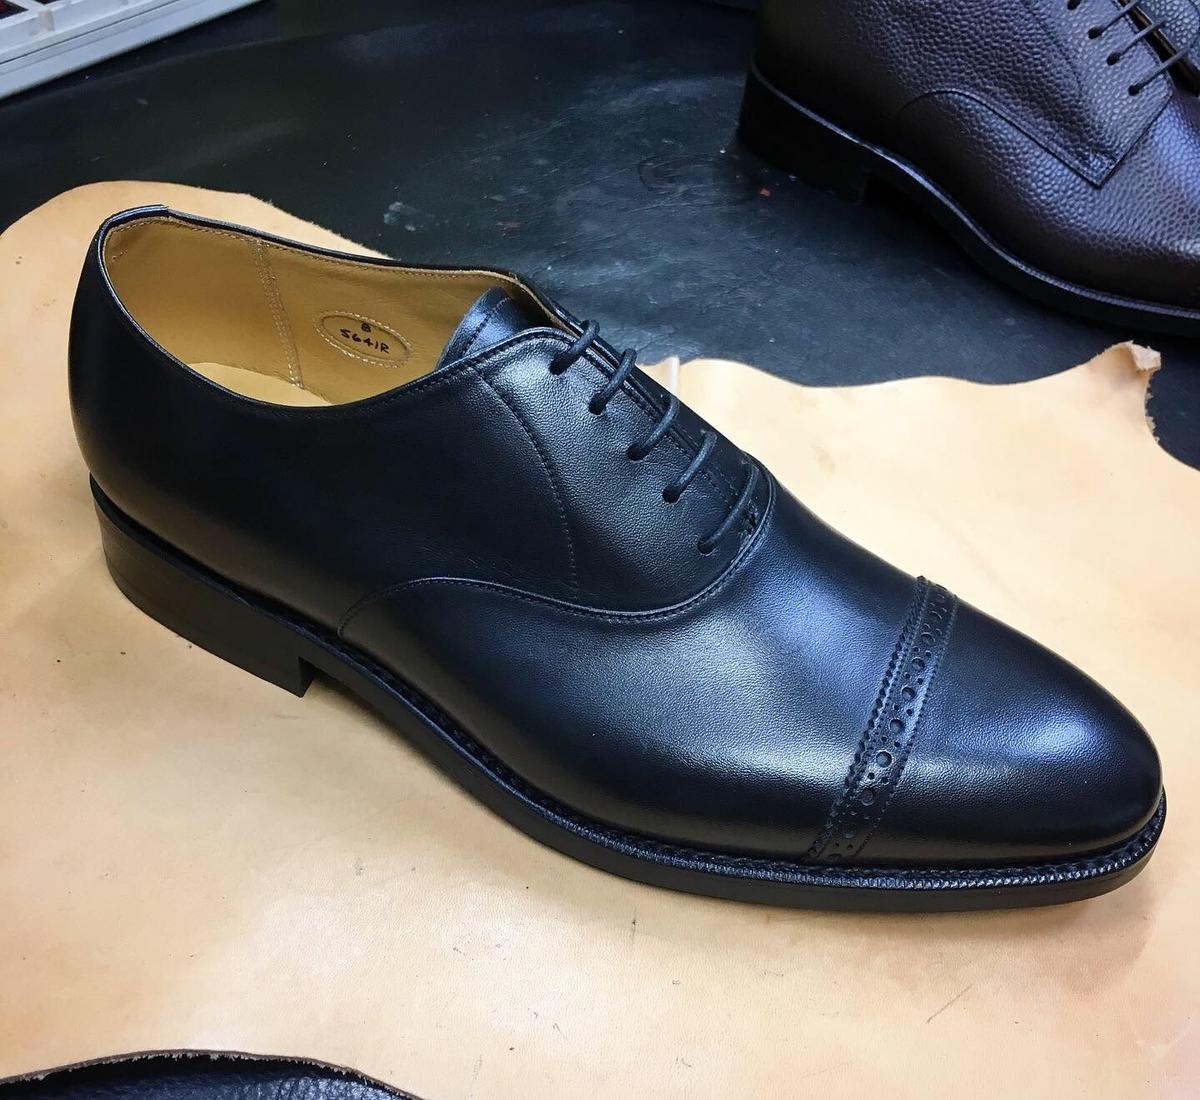 f:id:raymar-shoes:20190823215417j:plain